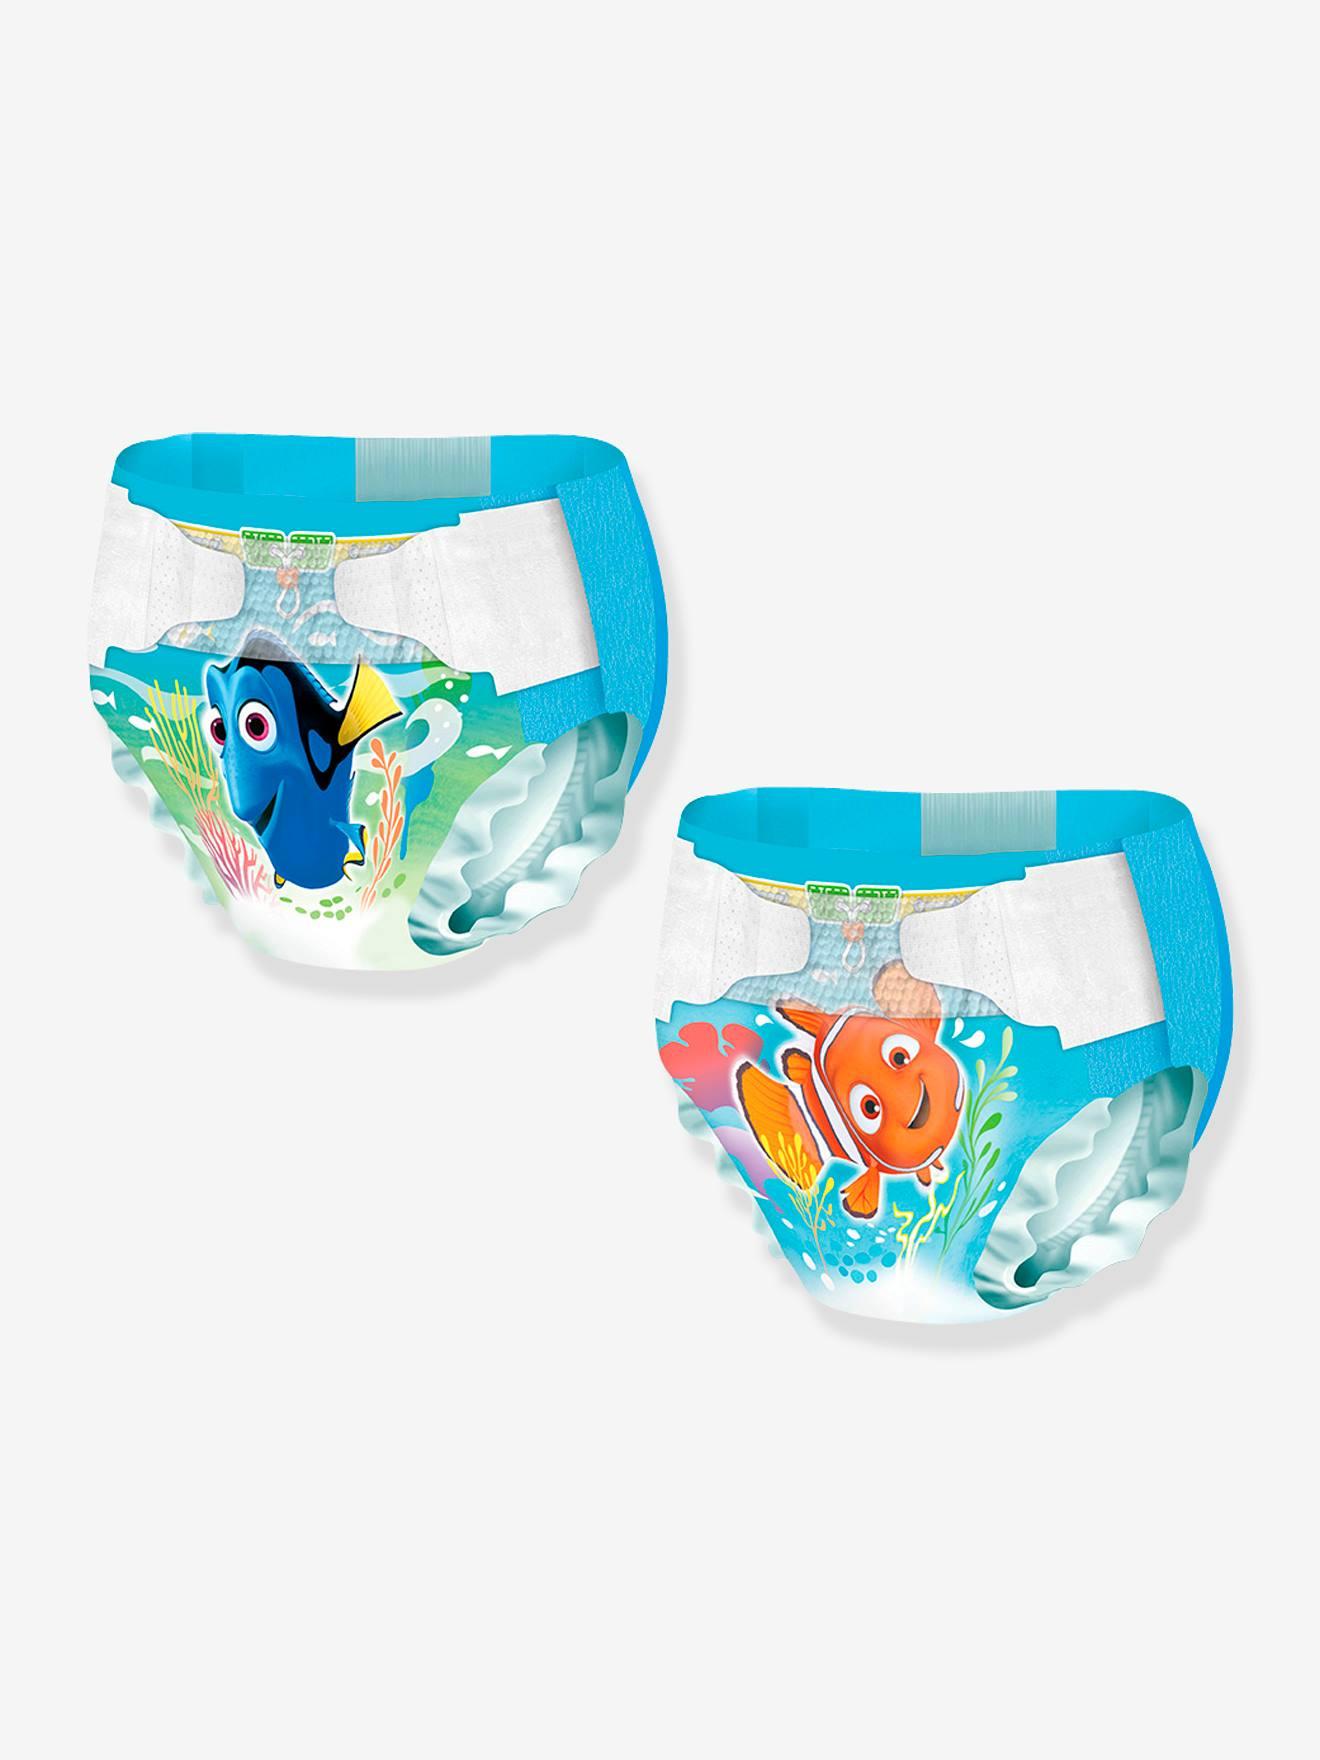 Couche De Piscine Jetable Huggies Little Swimmers, Taille 5-6, Lot De 11 -  Dory destiné Couche Piscine Jetable